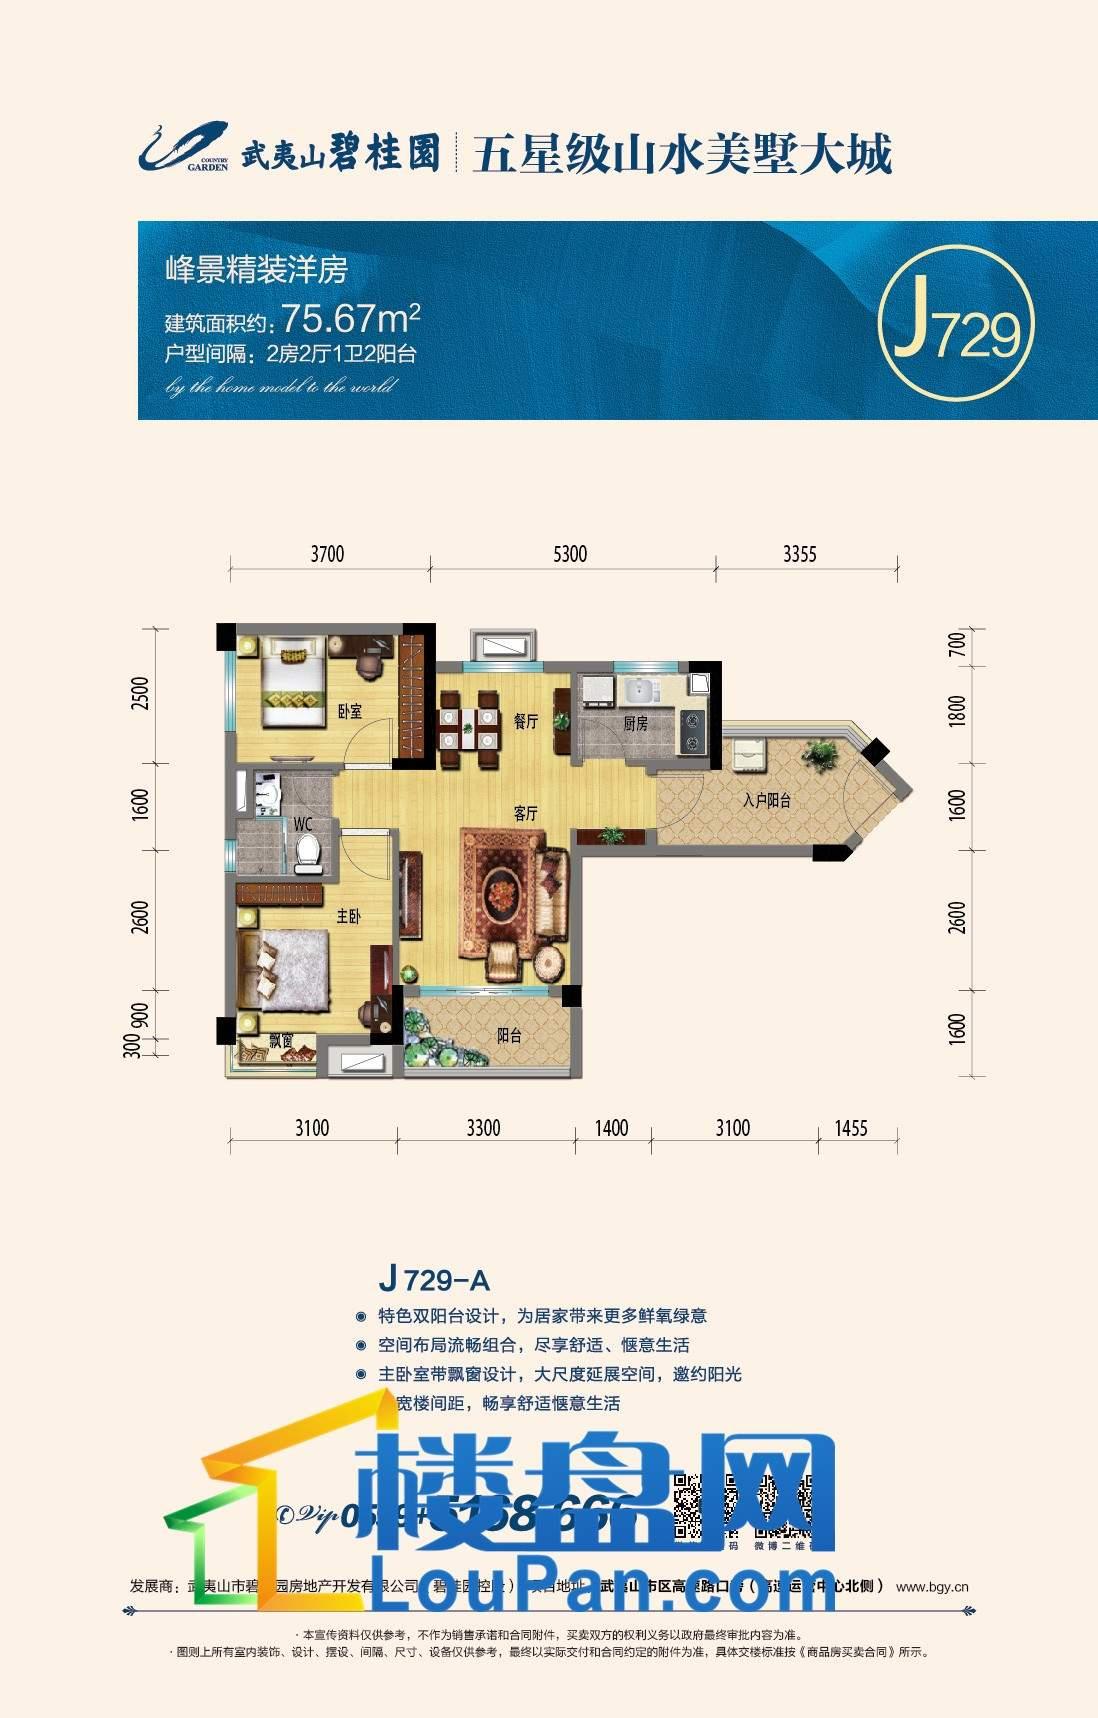 峰景精装洋房J729-A